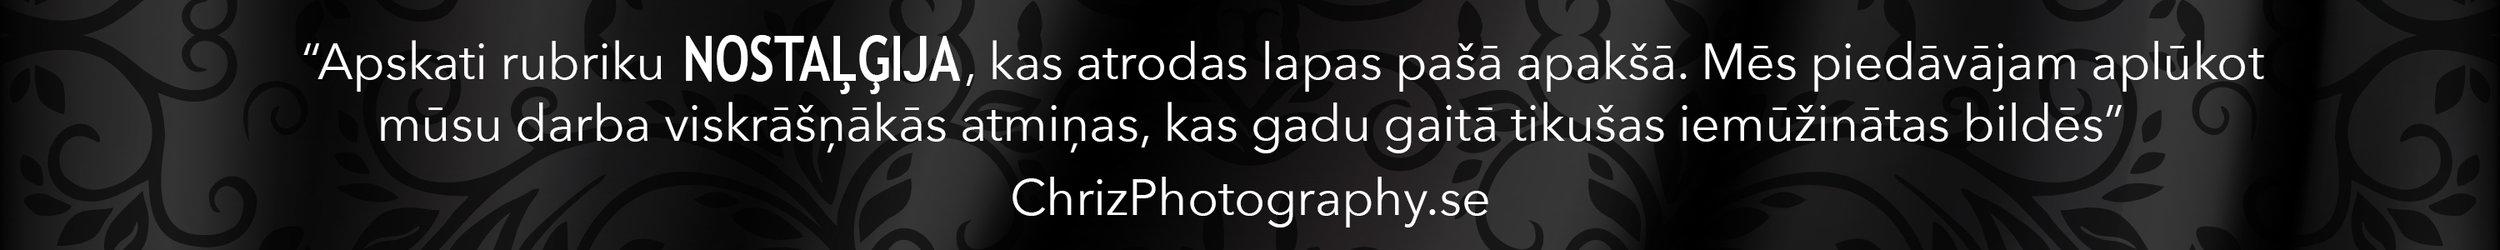 LV_Nostalgi_Inspiring.se_copyright_ChrizPhotography.se_intro_start_banner.jpg